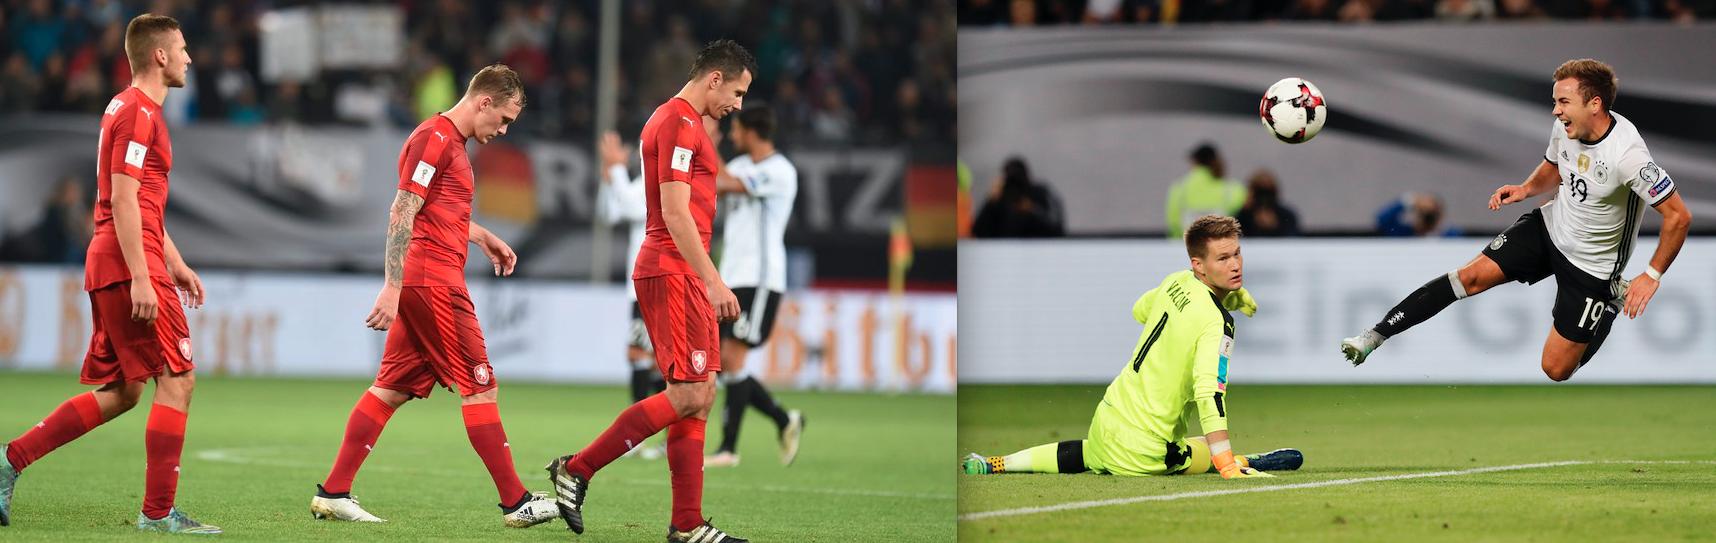 Szenen aus dem Spiel gegen Deutschland: Marek Suchy geht nach dem 0:3 gesenkten Hauptes vom Feld, Tomas Vaclik wehrt sich gegen Mario Götze.